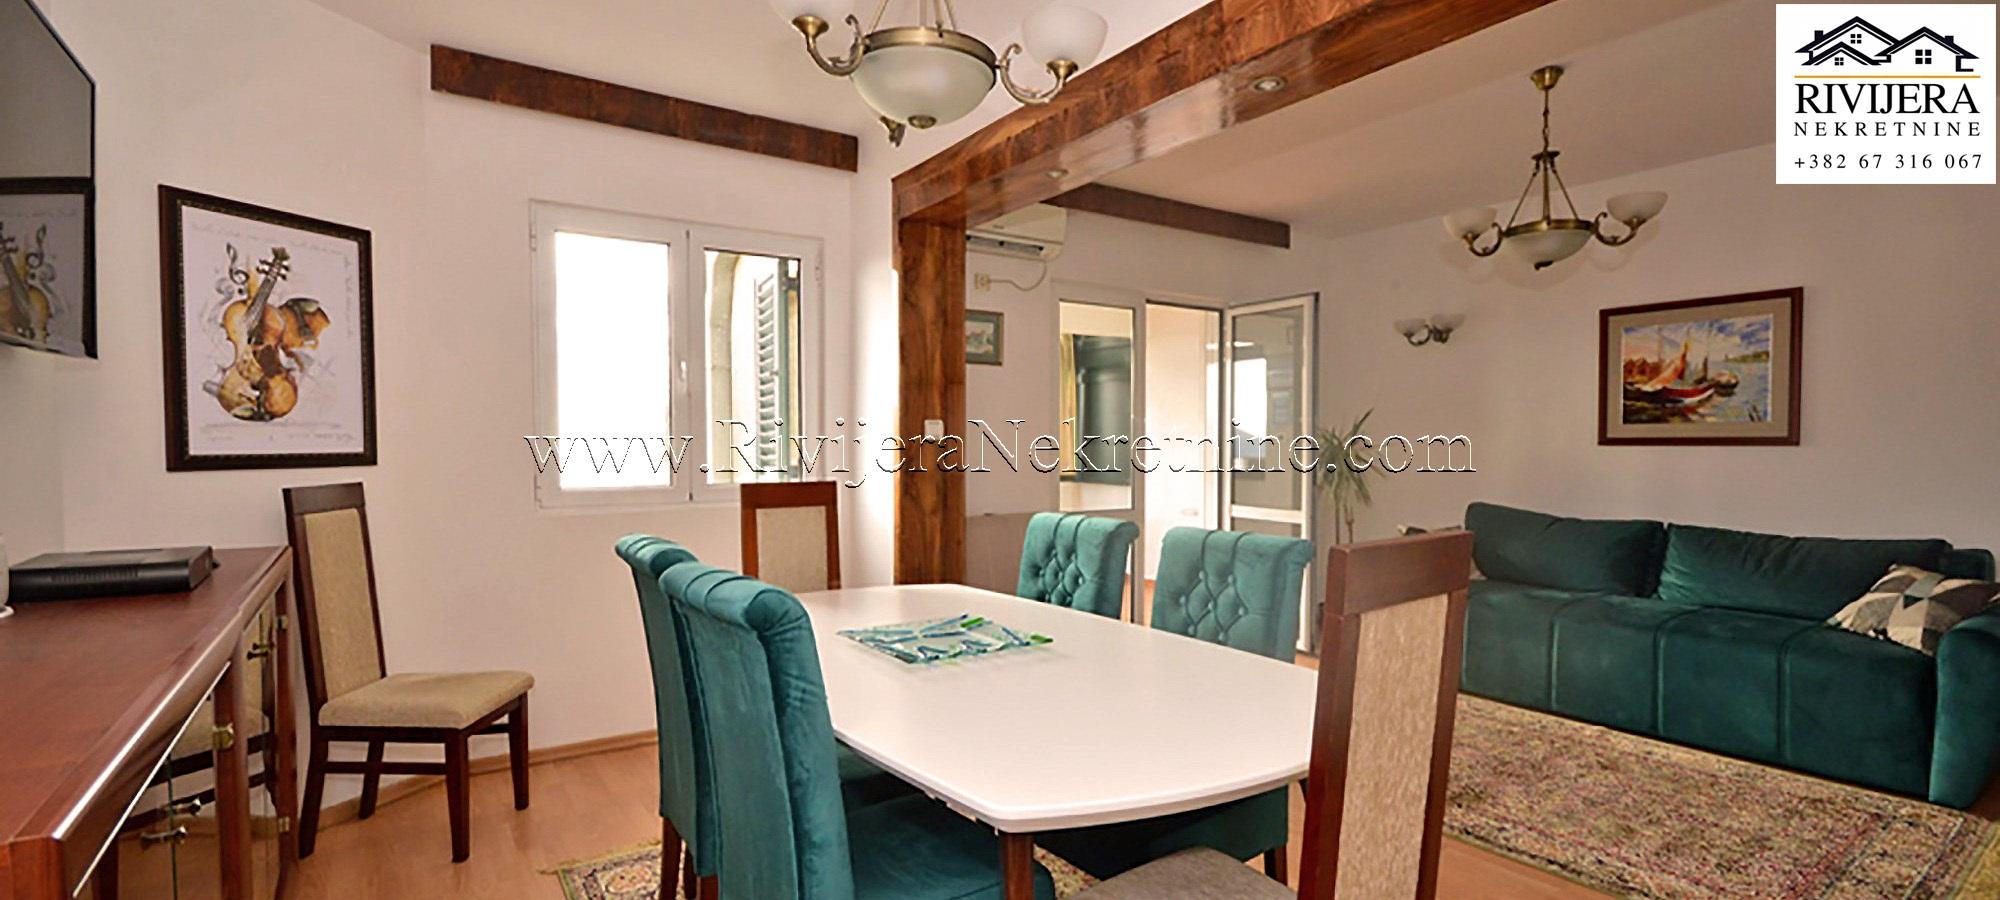 2-bedroom flat in down town of Herceg Novi, Montenegro